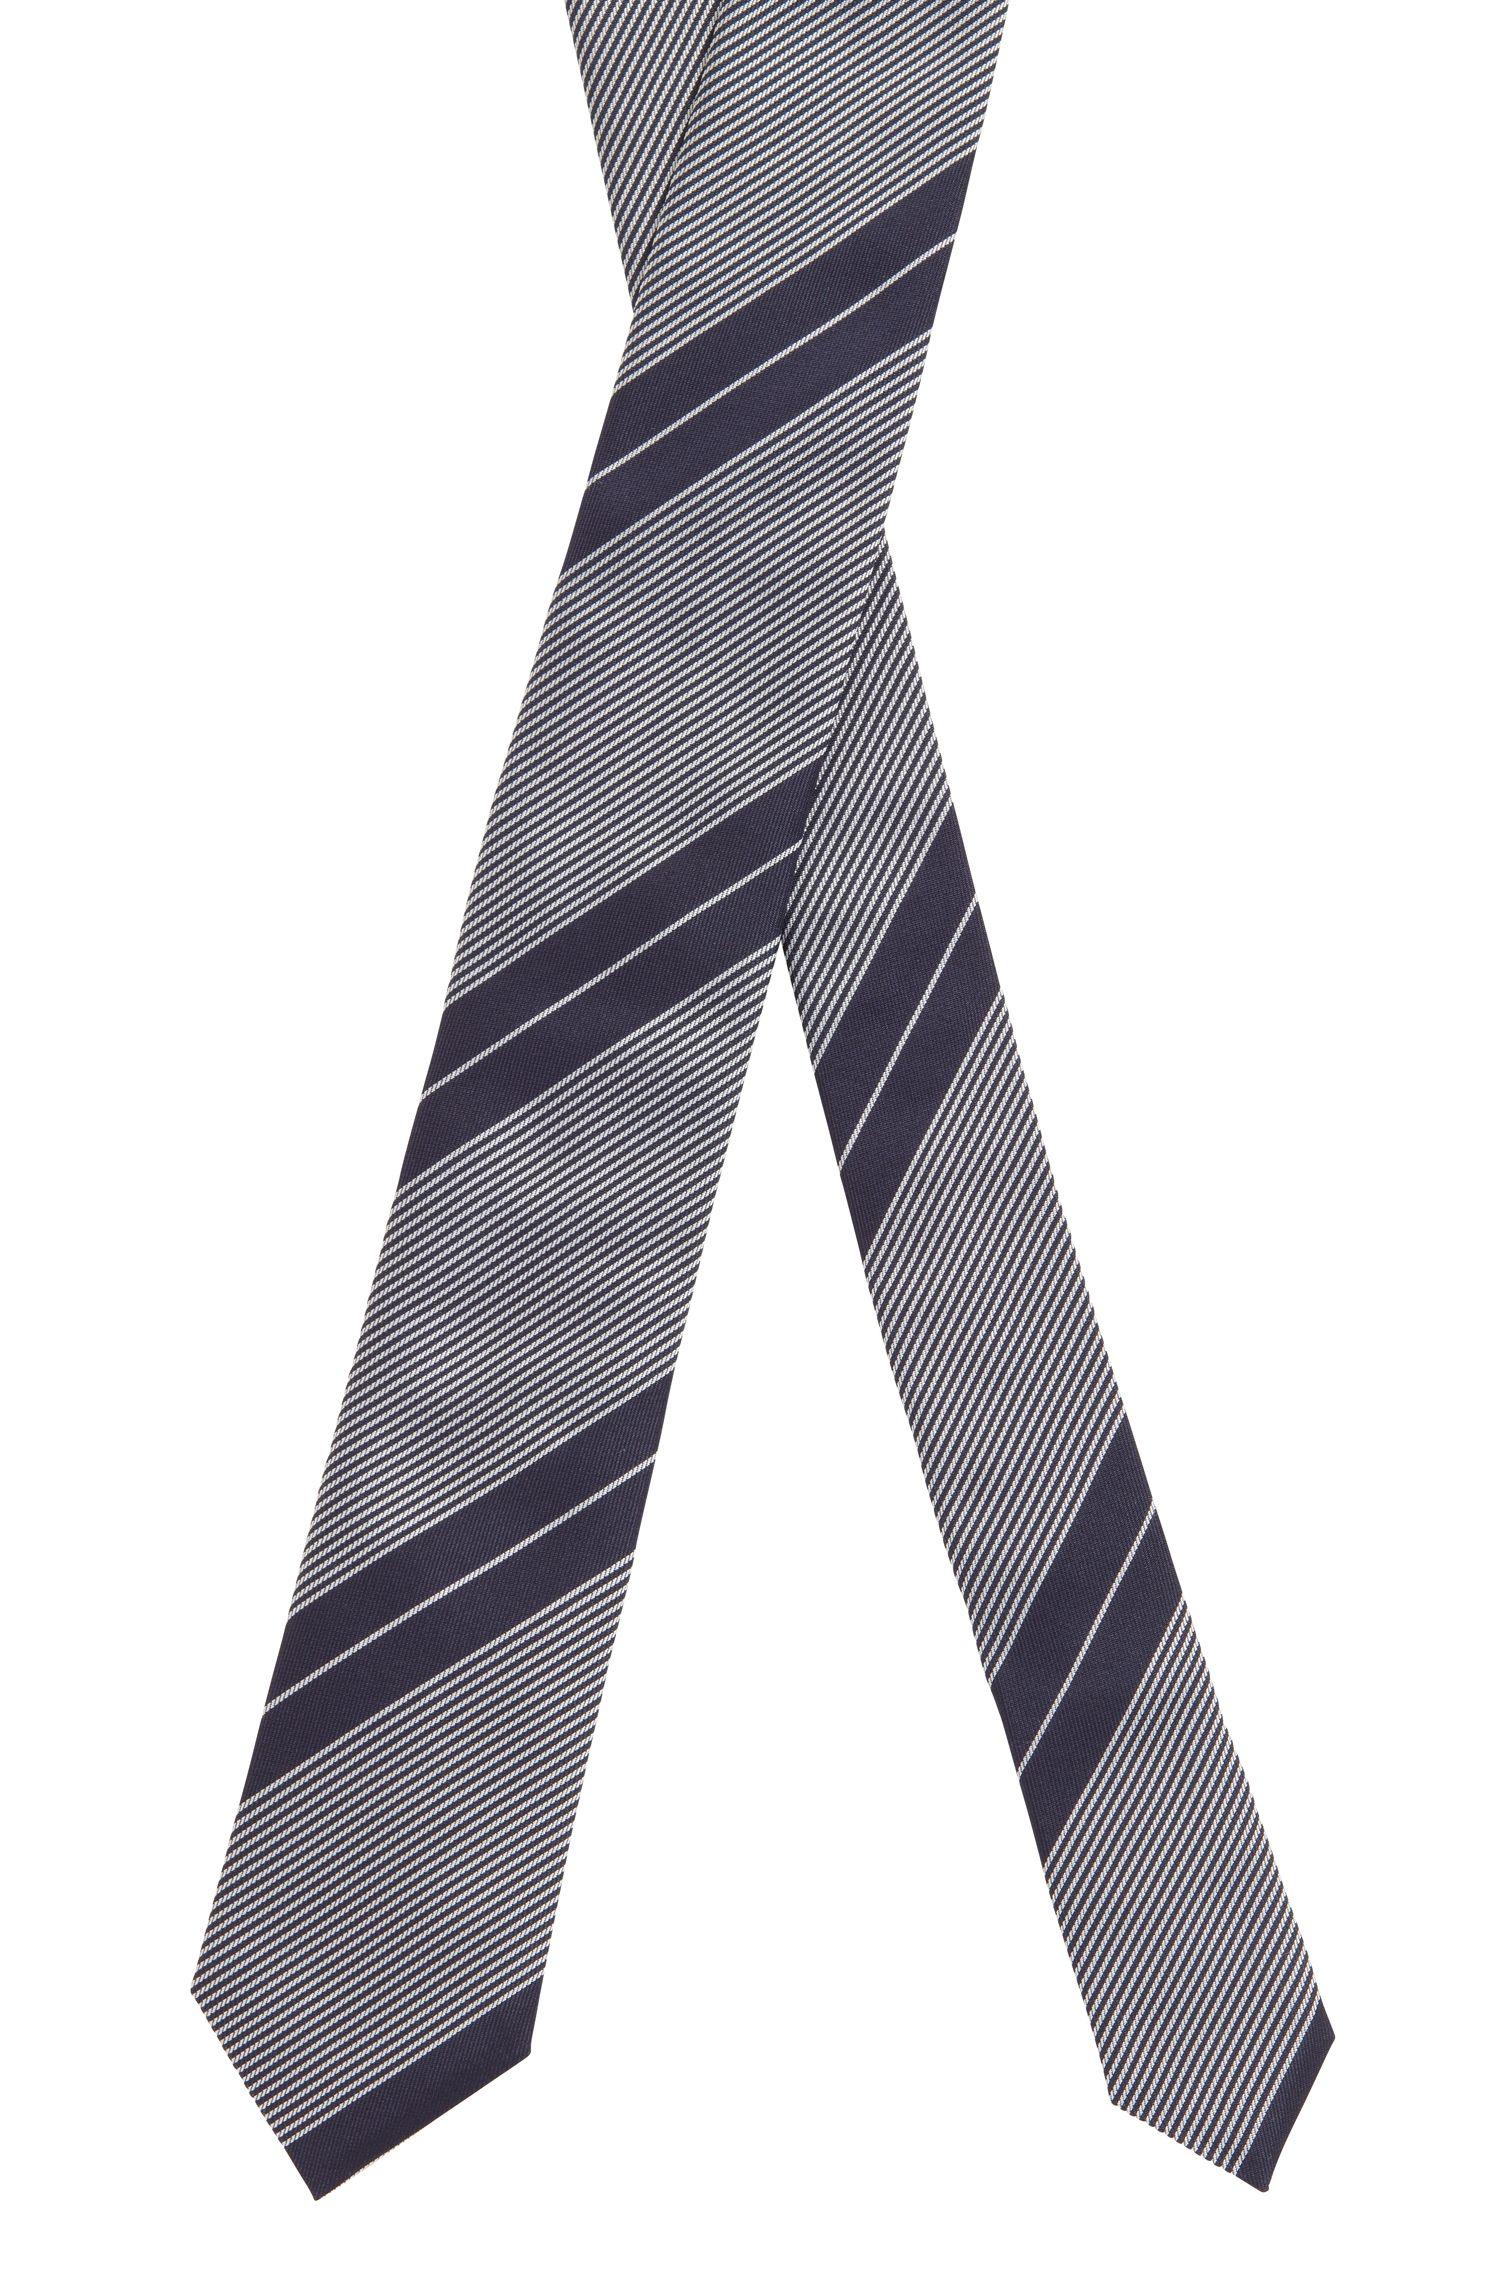 Handgefertigte Krawatte aus reiner Seide mit diagonalen Streifen, Dunkelblau